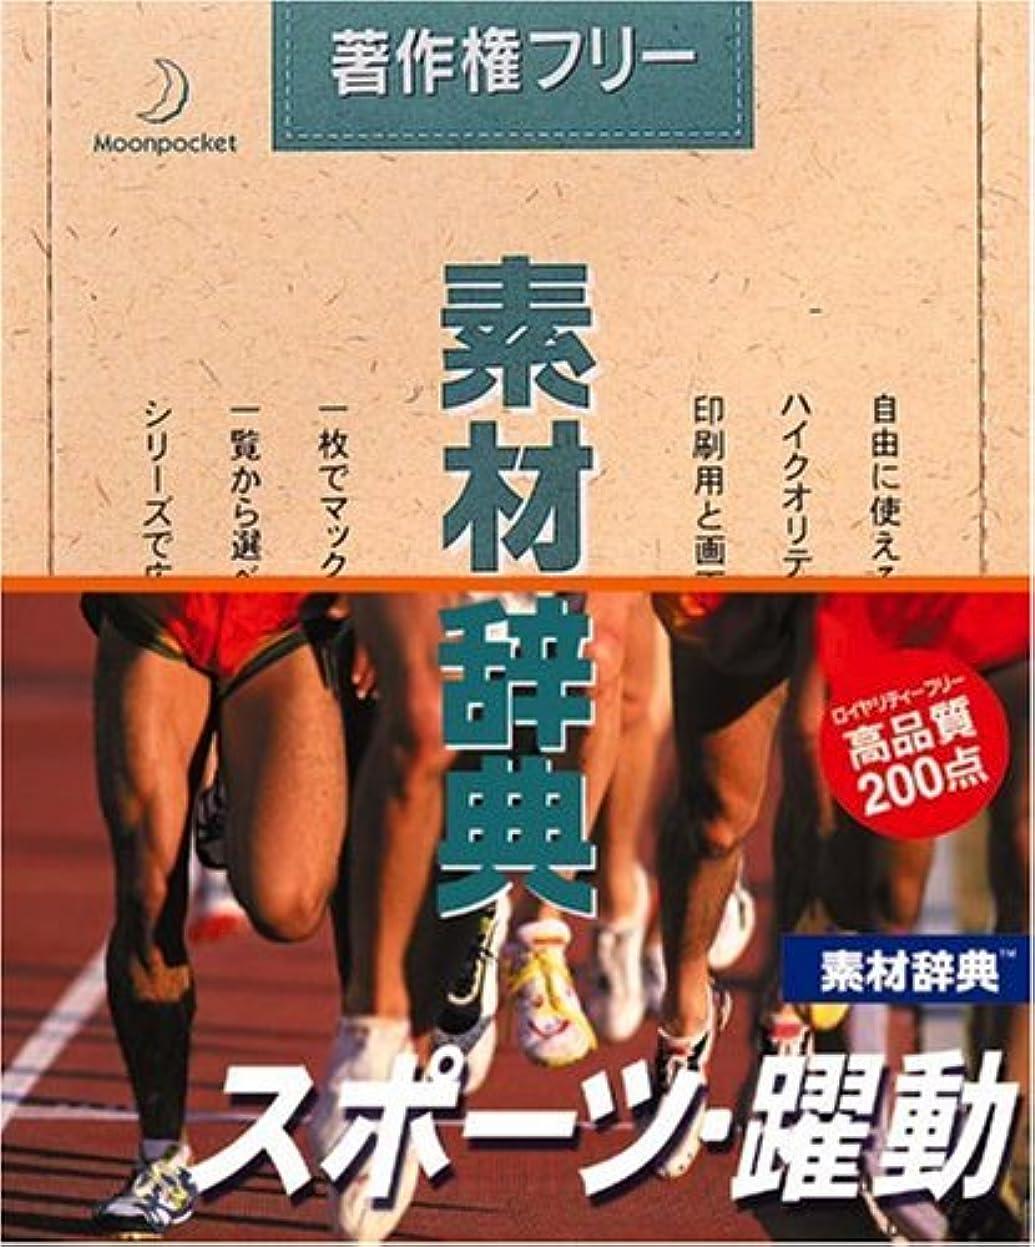 不運歩行者素材辞典 Vol.71 スポーツ?躍動編